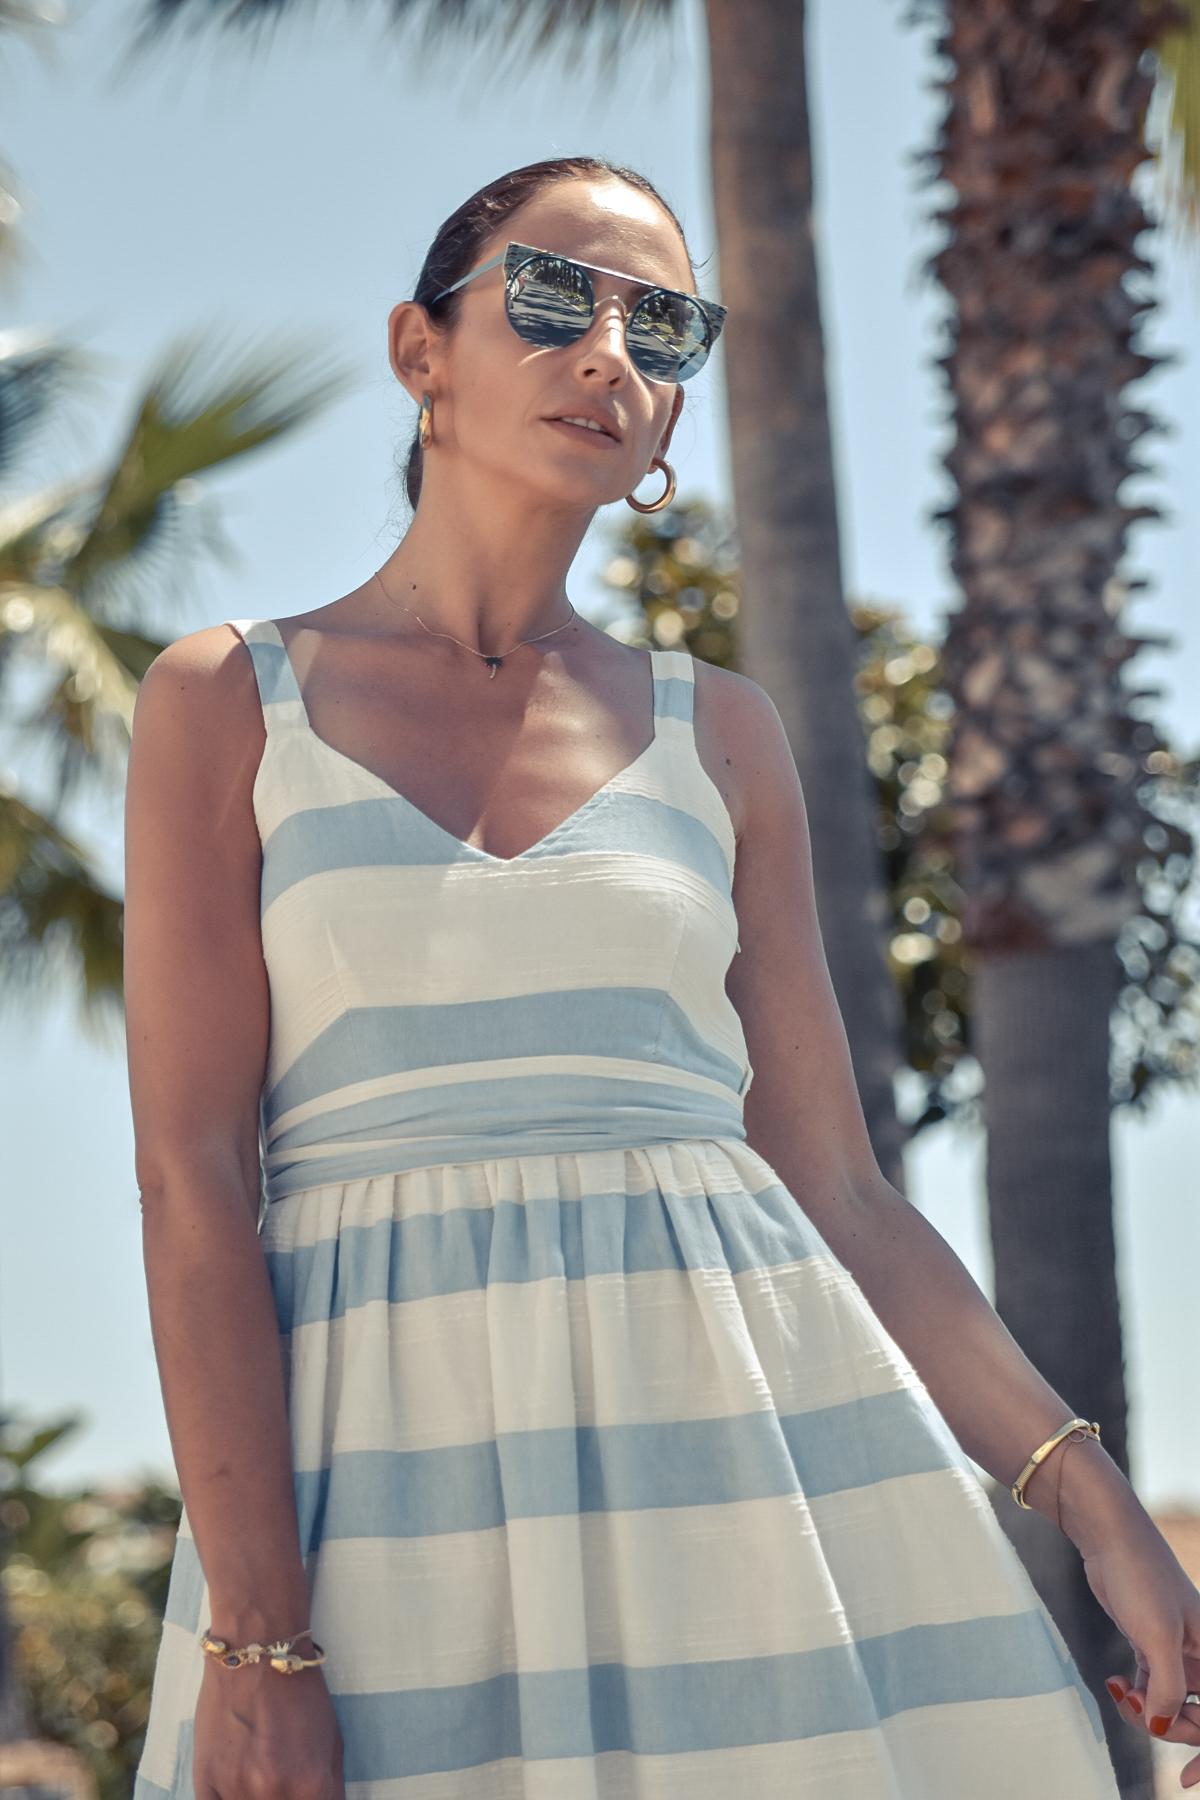 2-el-blog-de-silvia-vestido-rayas-azul-blanco-marbella